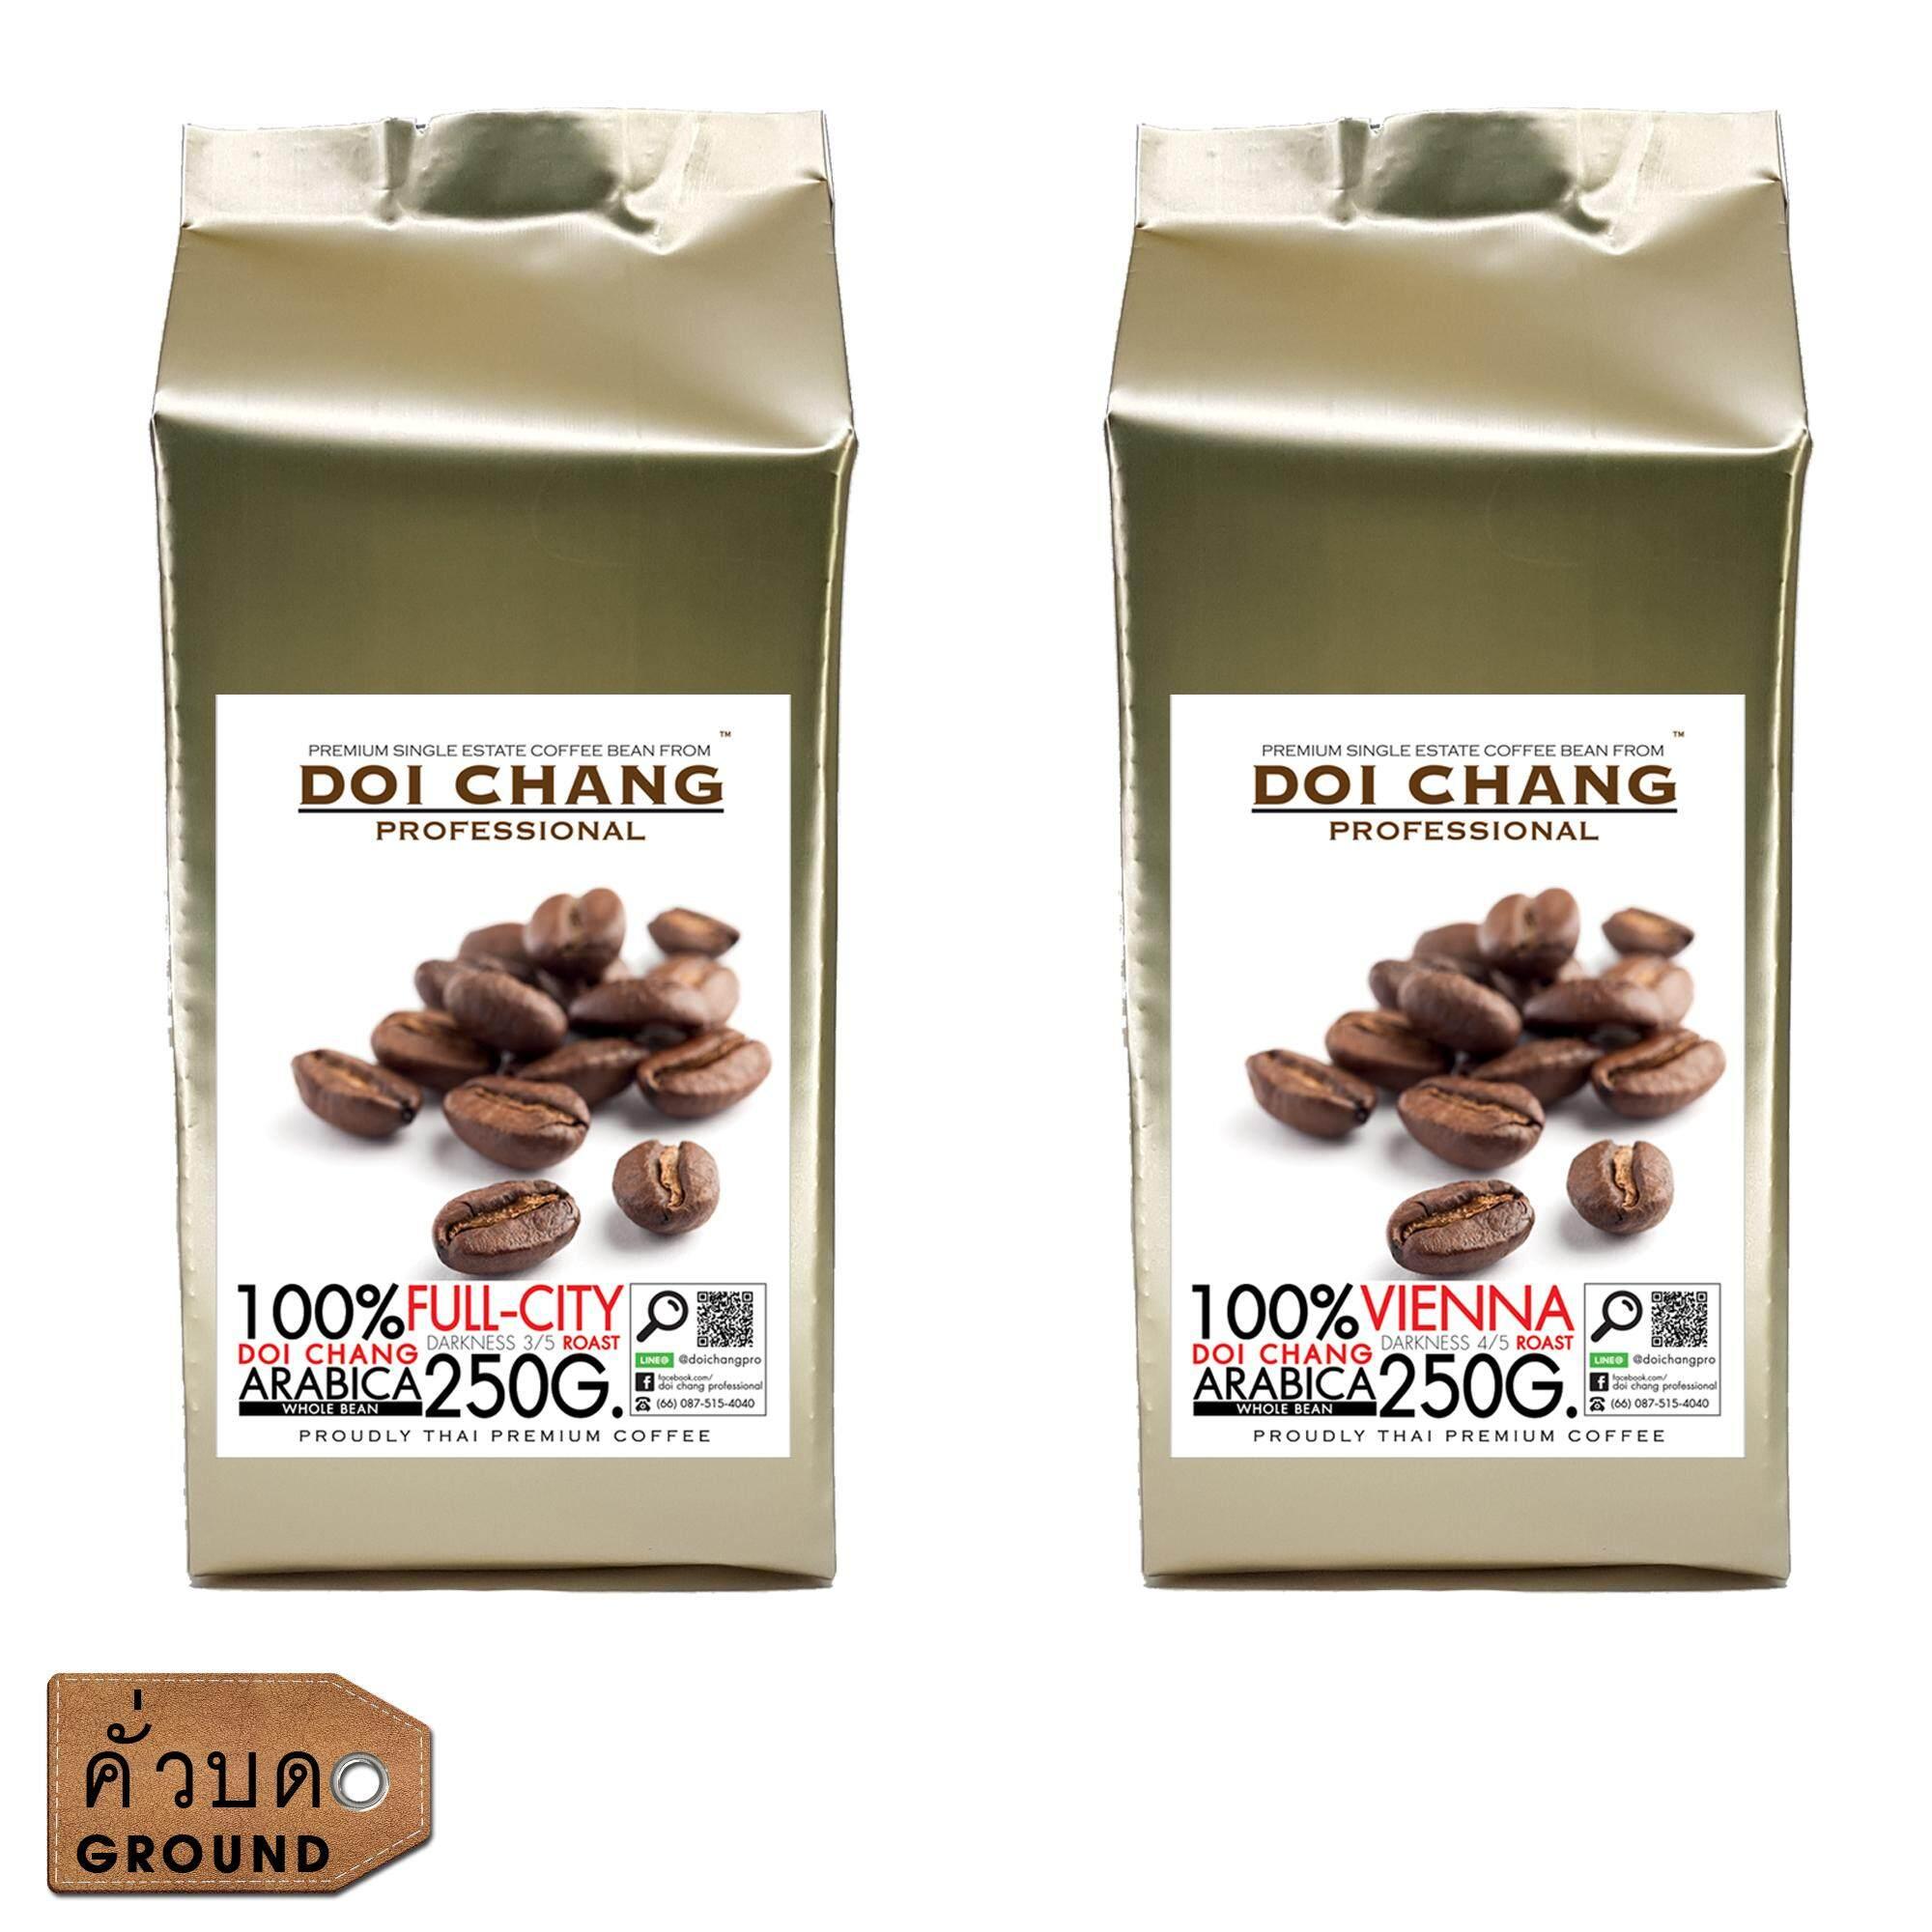 (คั่วบด) กาแฟอราบิก้า ดอยช้าง คั่วอ่อน 1 ถุง+คั่วกลาง 1 ถุง Full-City 1 Bag + Vienna 1 Bag รวม 500 G.(2x250g.) Doi Chang Professional แบบ คั่วบด By Doi Chang Professional.